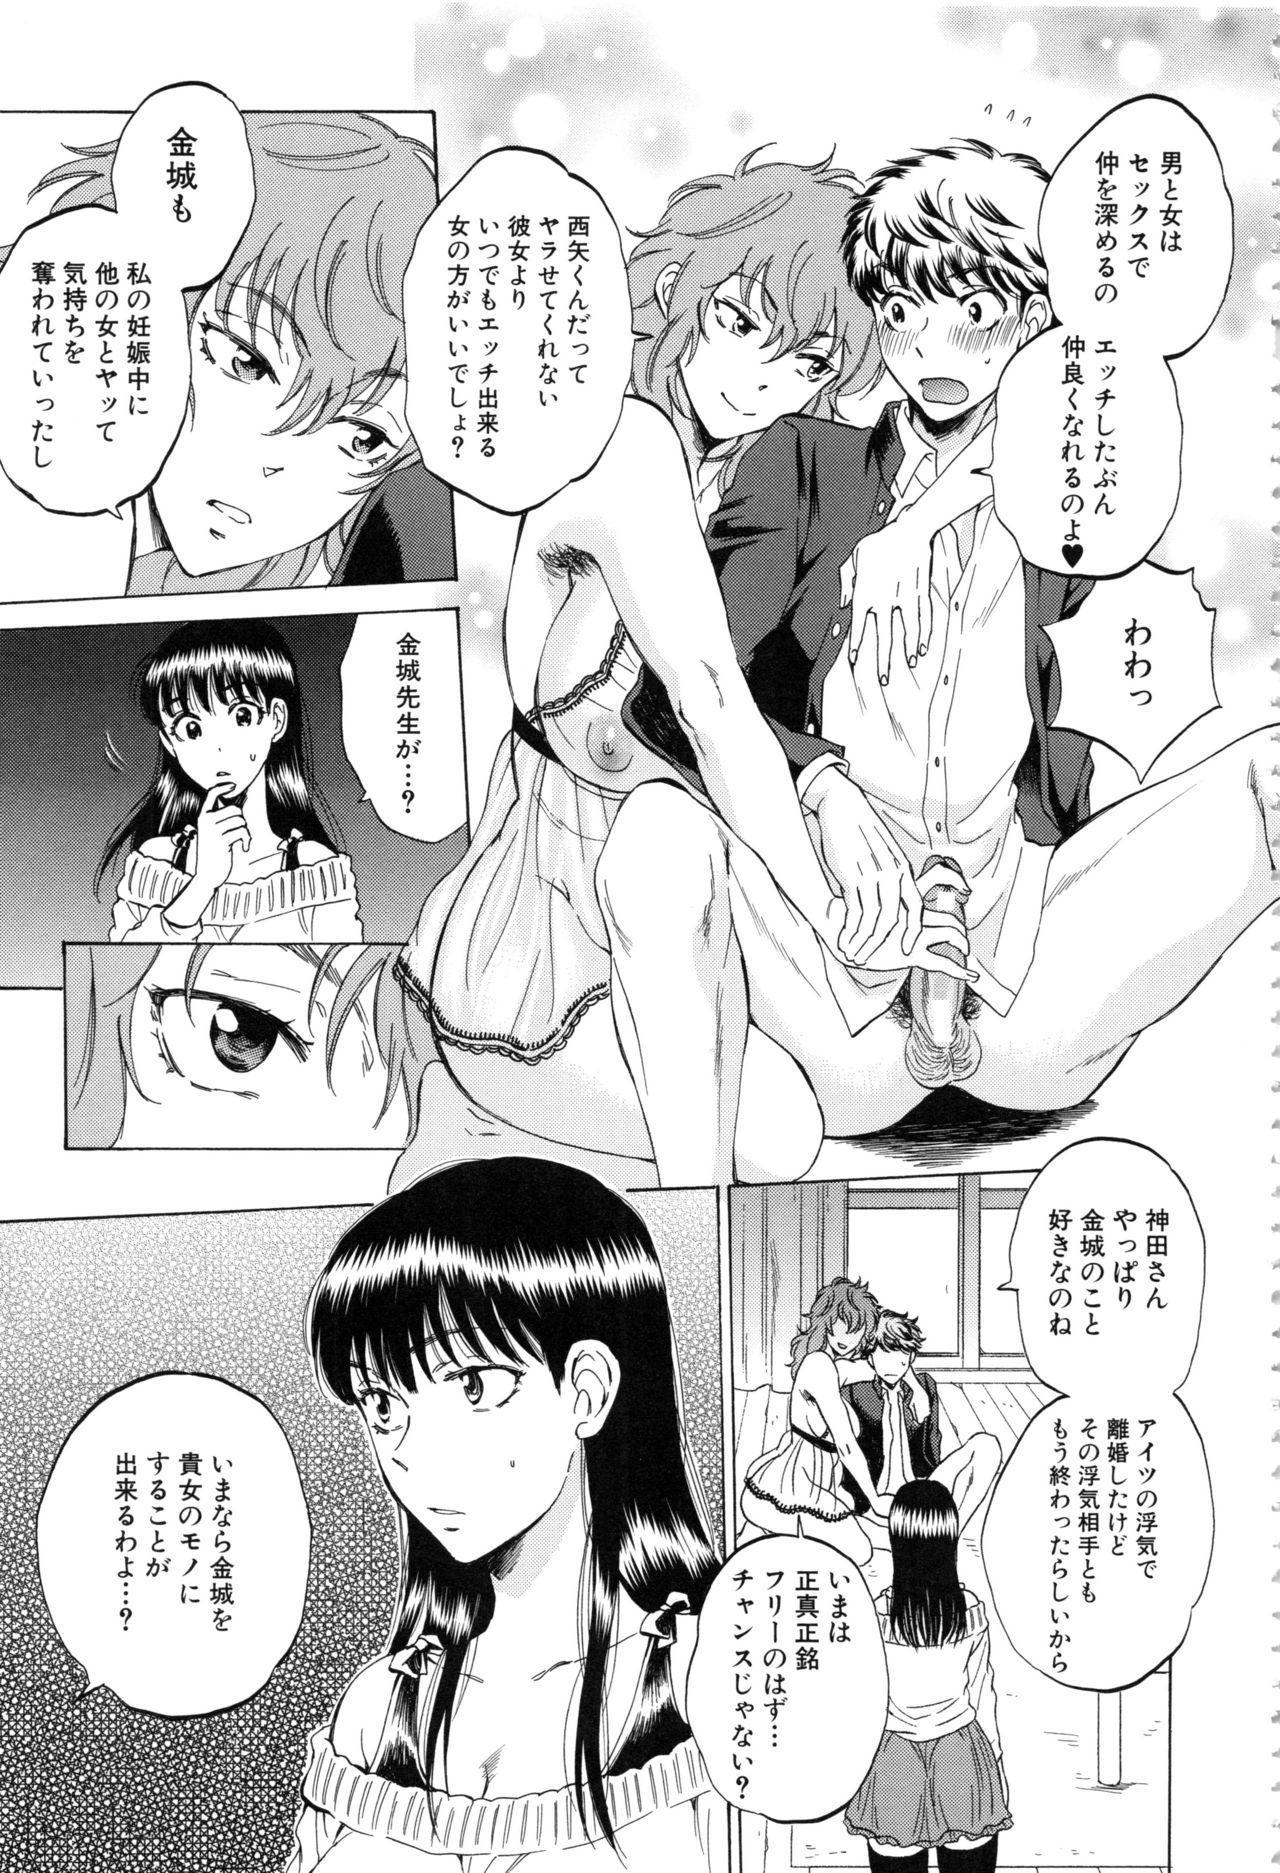 Kanojo ga Miteru Boku no Sex 177